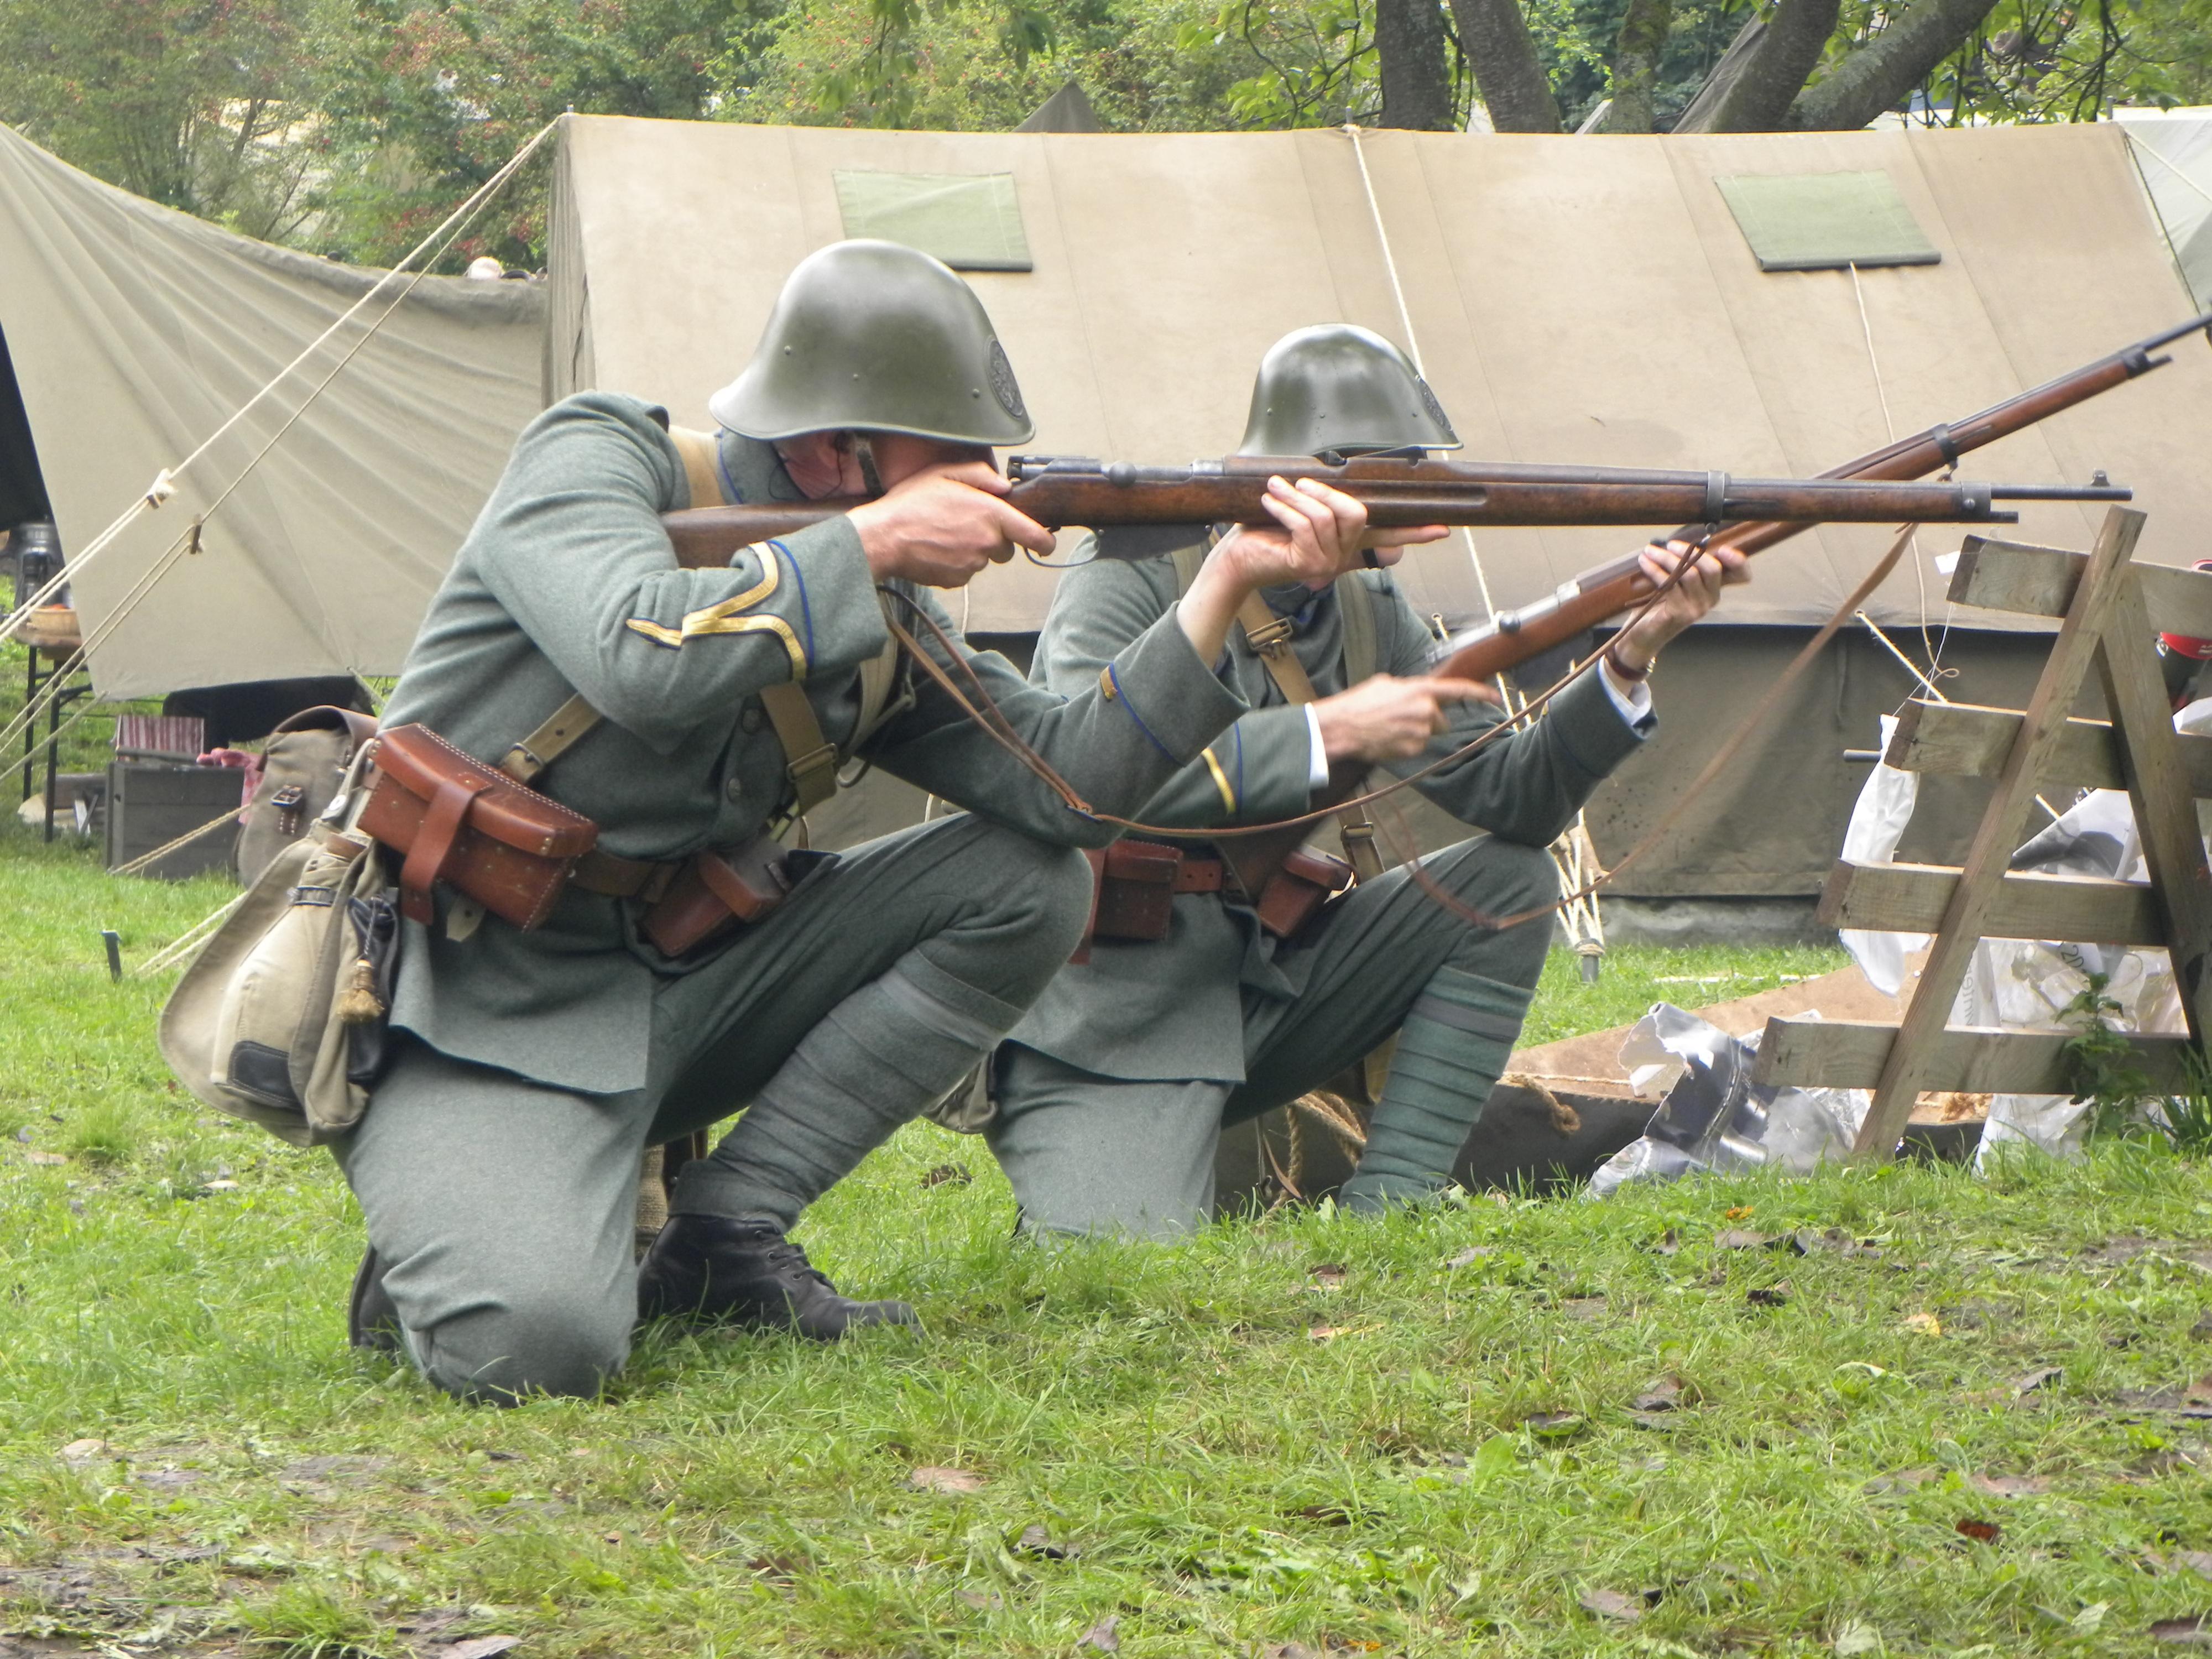 II. Dünya Savaşı Alman Kaskı: Tarih ve Tanım